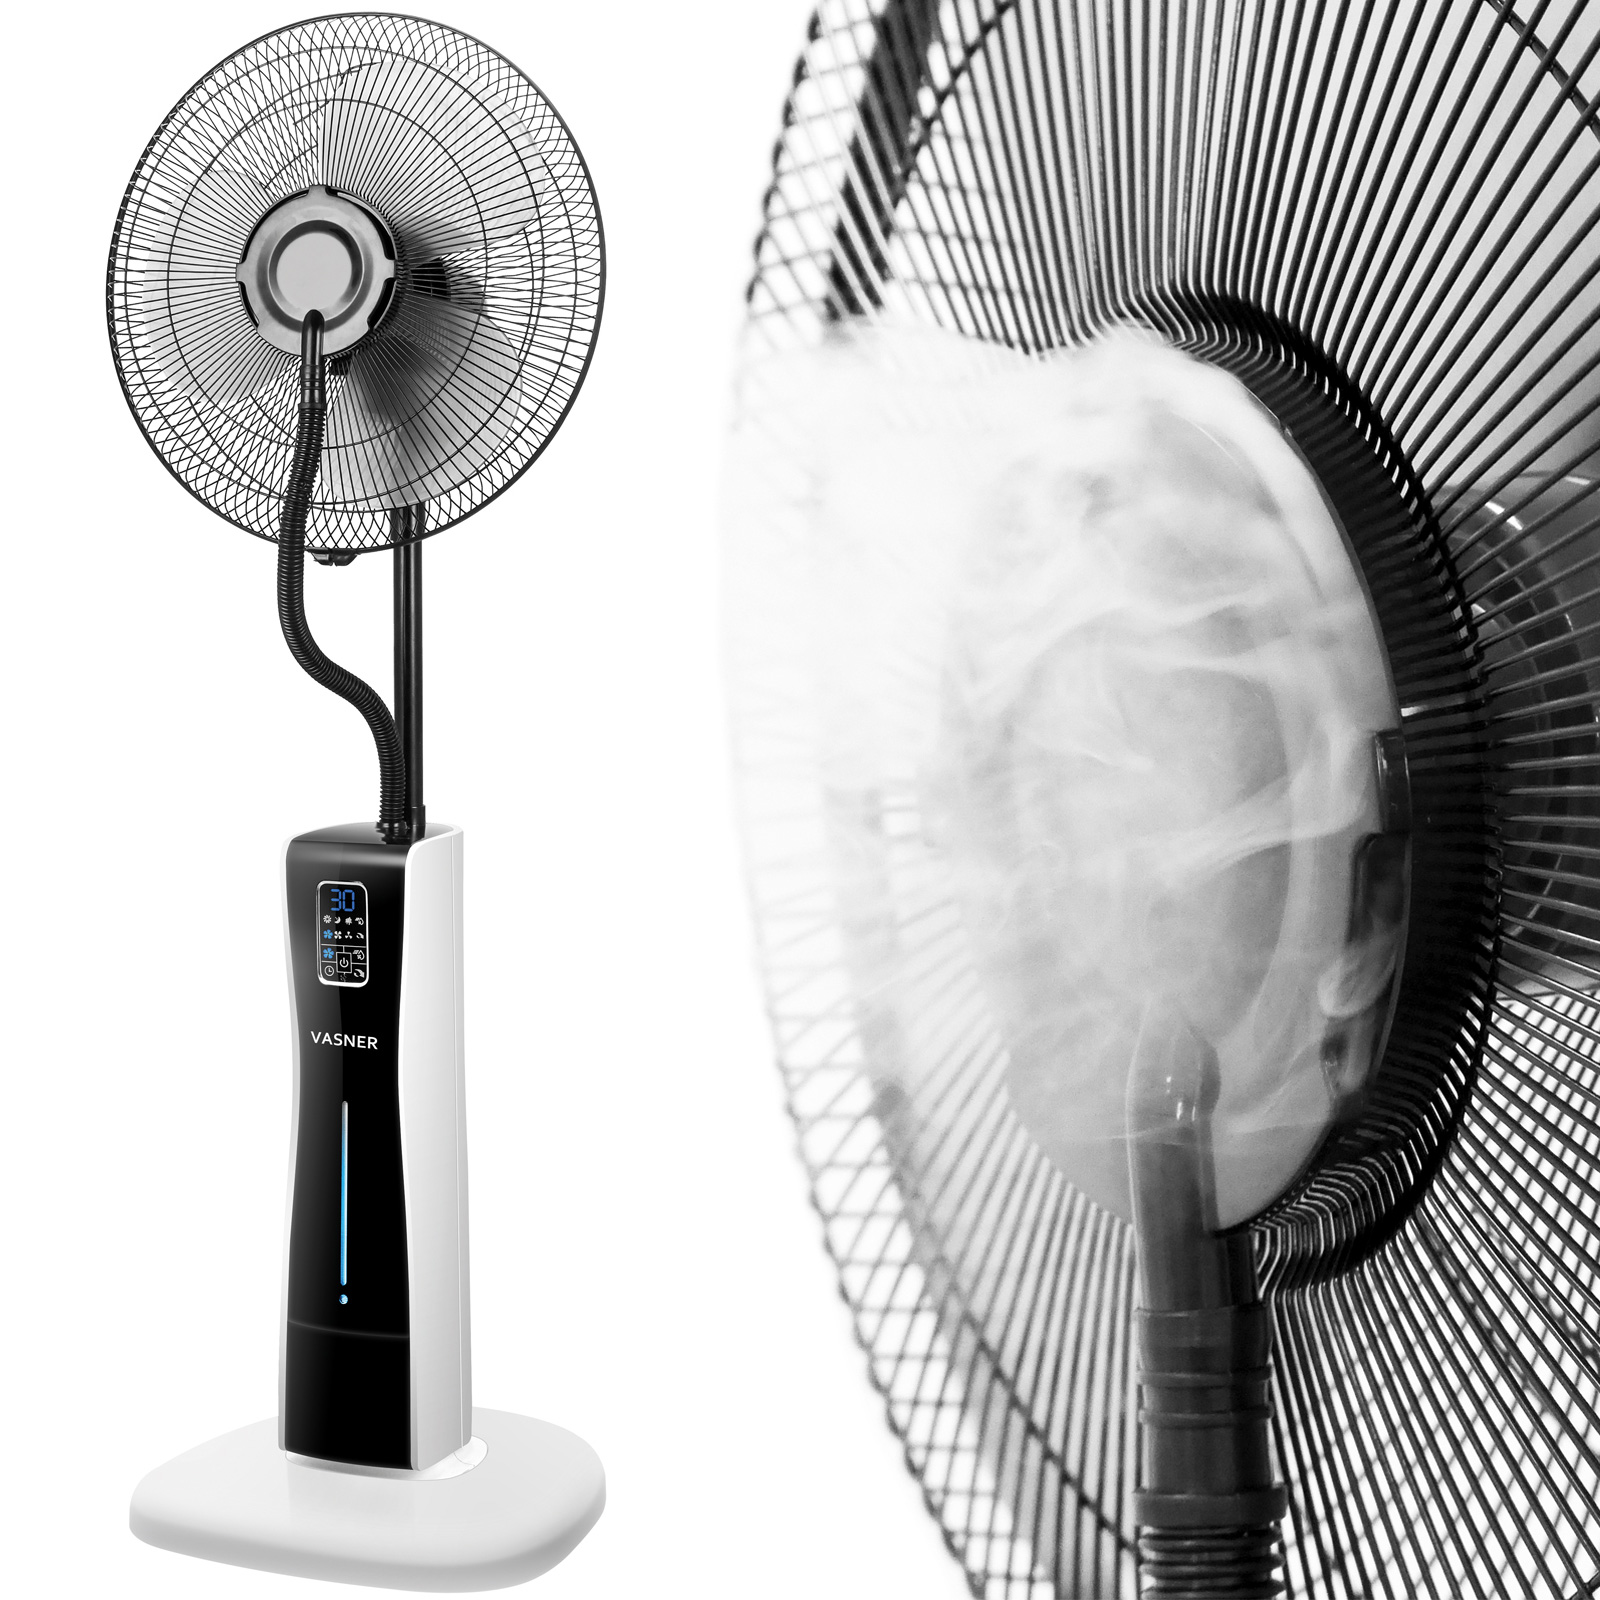 Der VASNER Cooly Sprühnebel-Ventilator für eine angenehm frische Temperatur im Büro